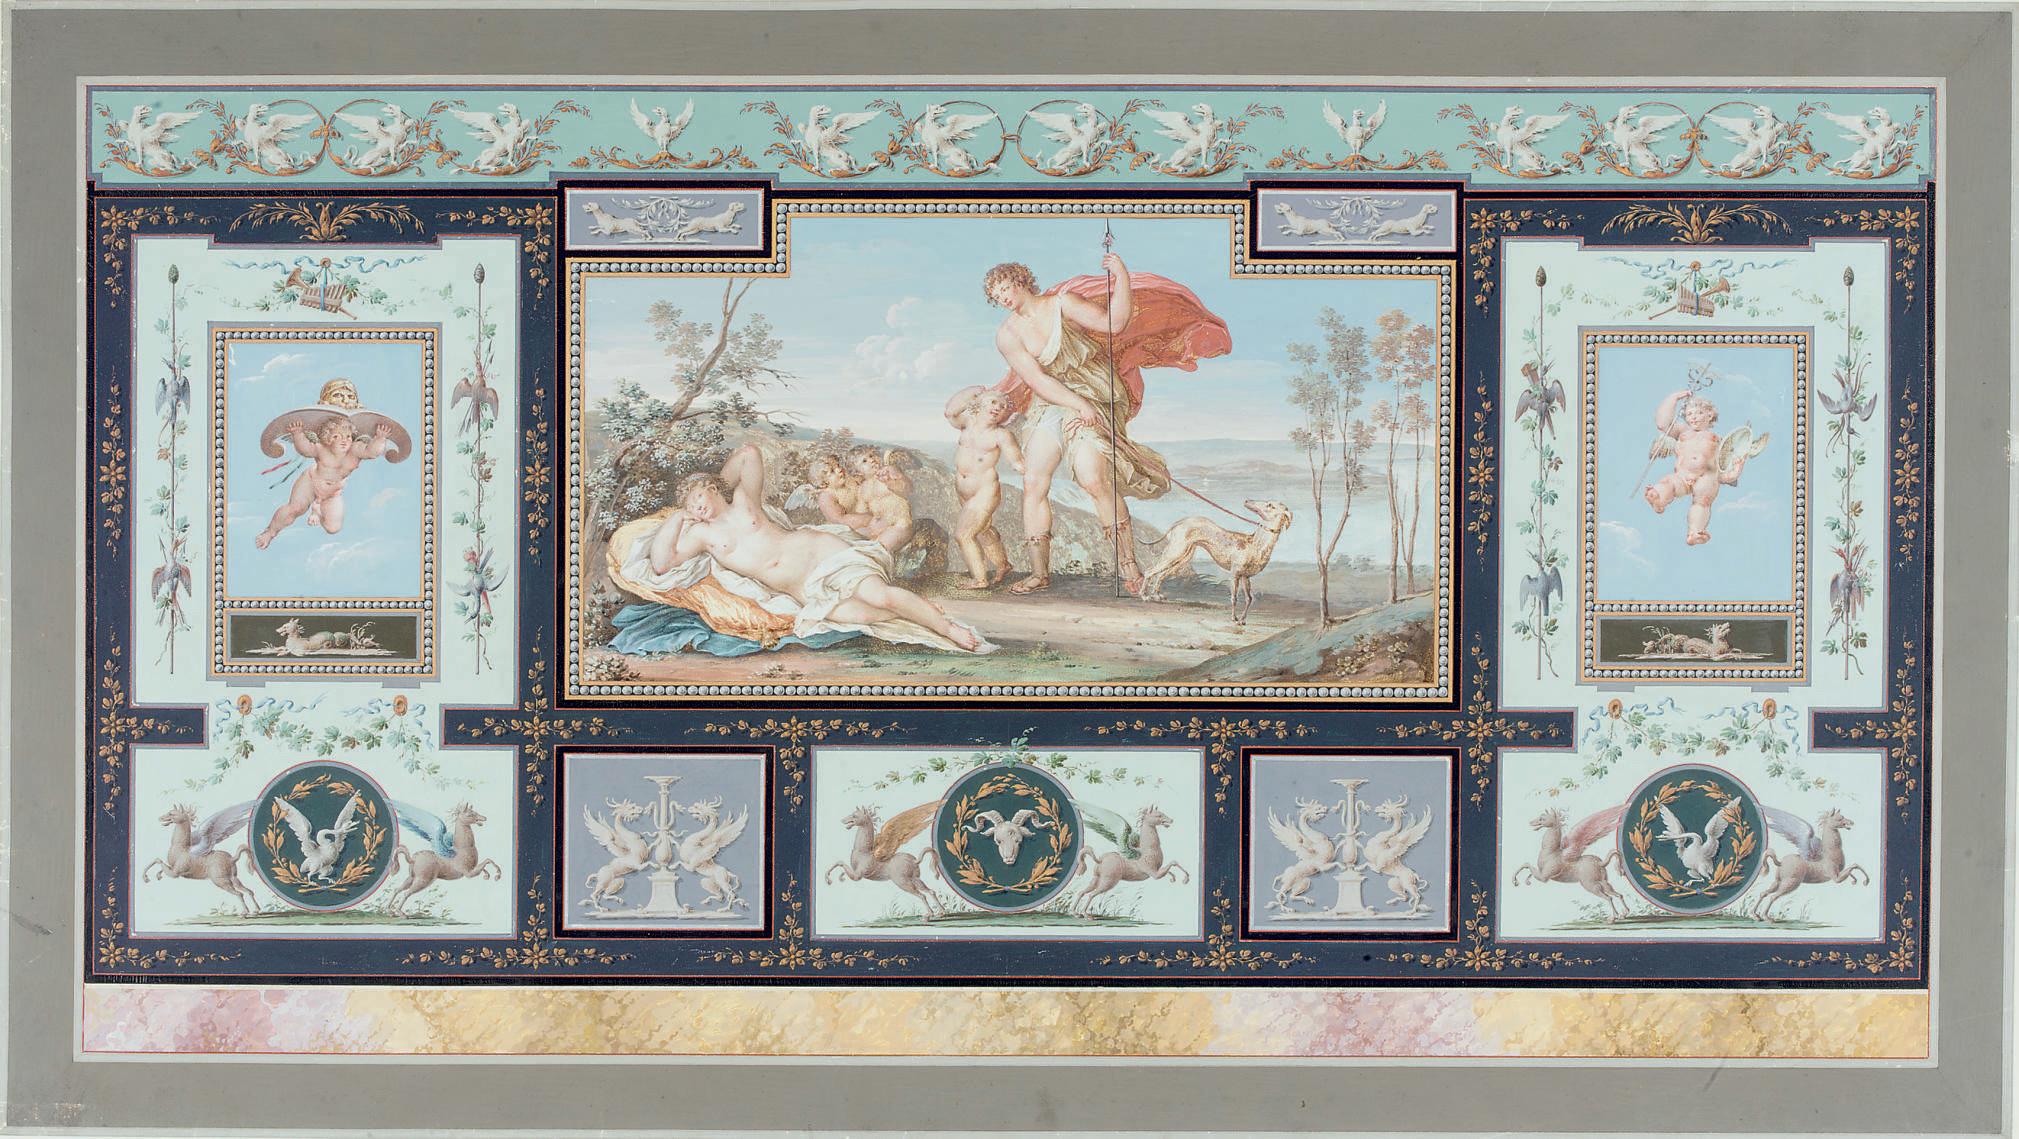 Tomasso Bigatti (active circa 1800)